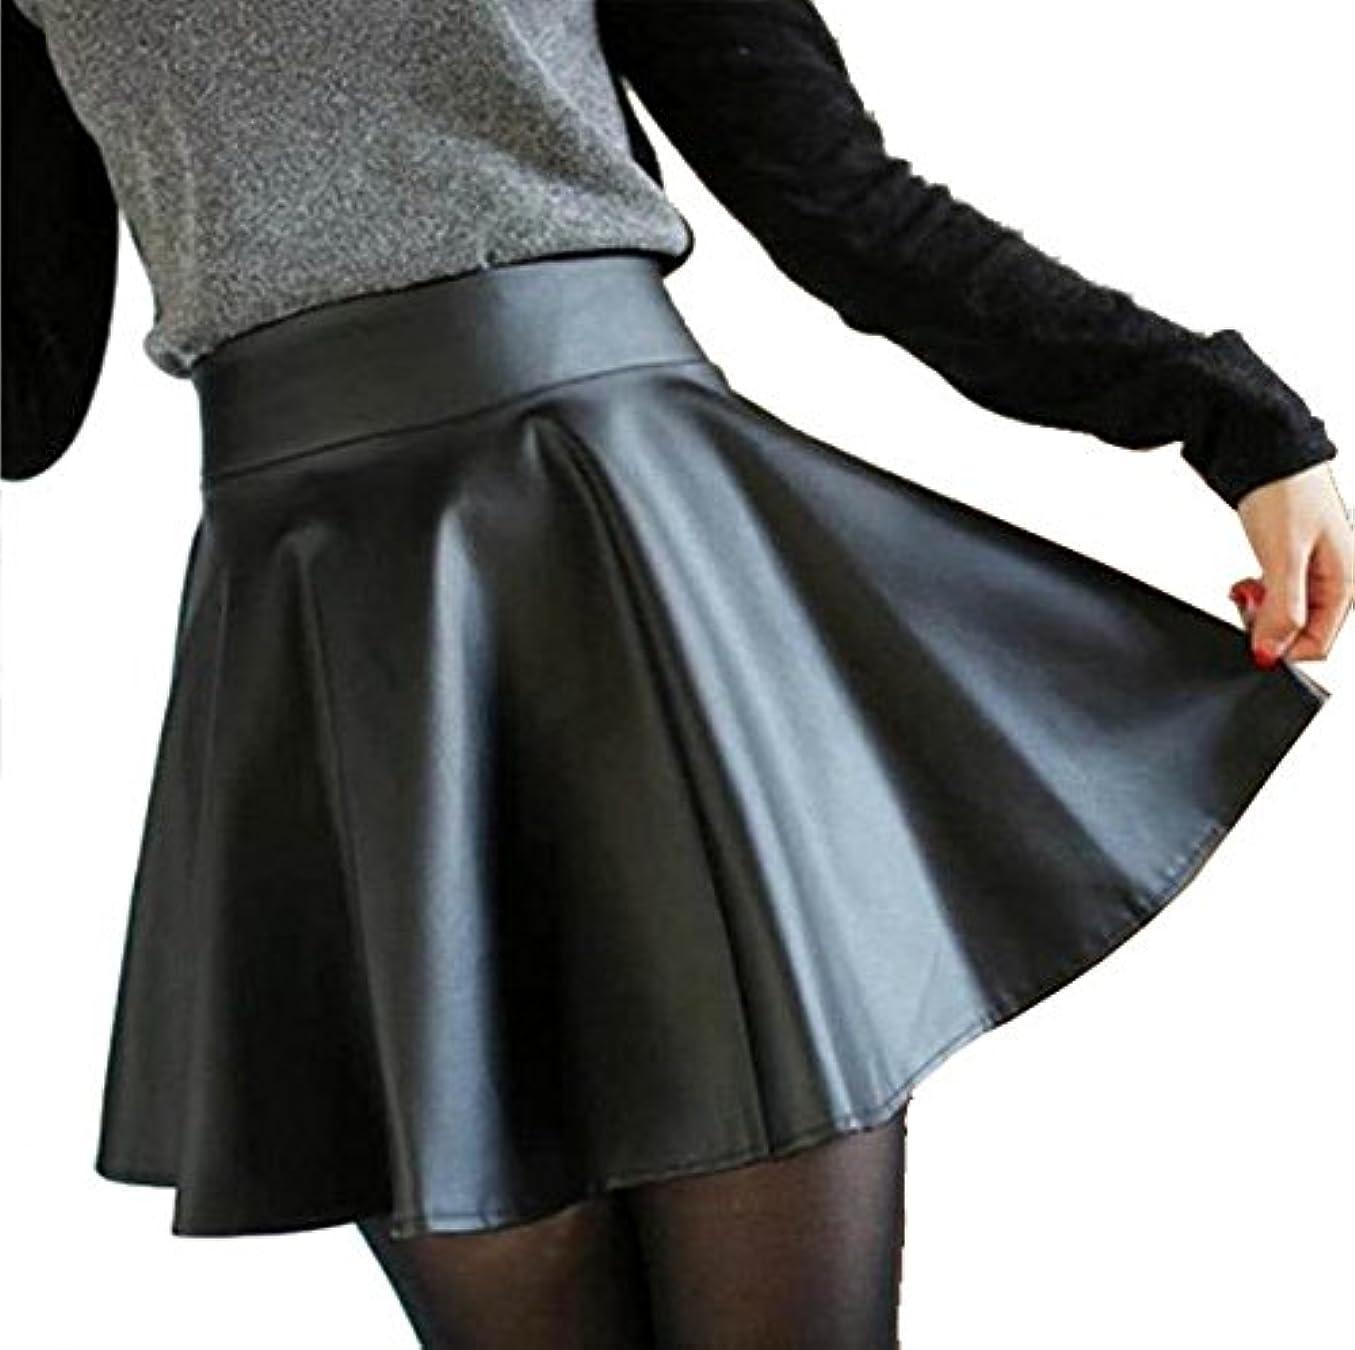 含むちらつき勤勉フェイク レザー ミニ スカート プリーツ ブラック PU 美脚 (L)